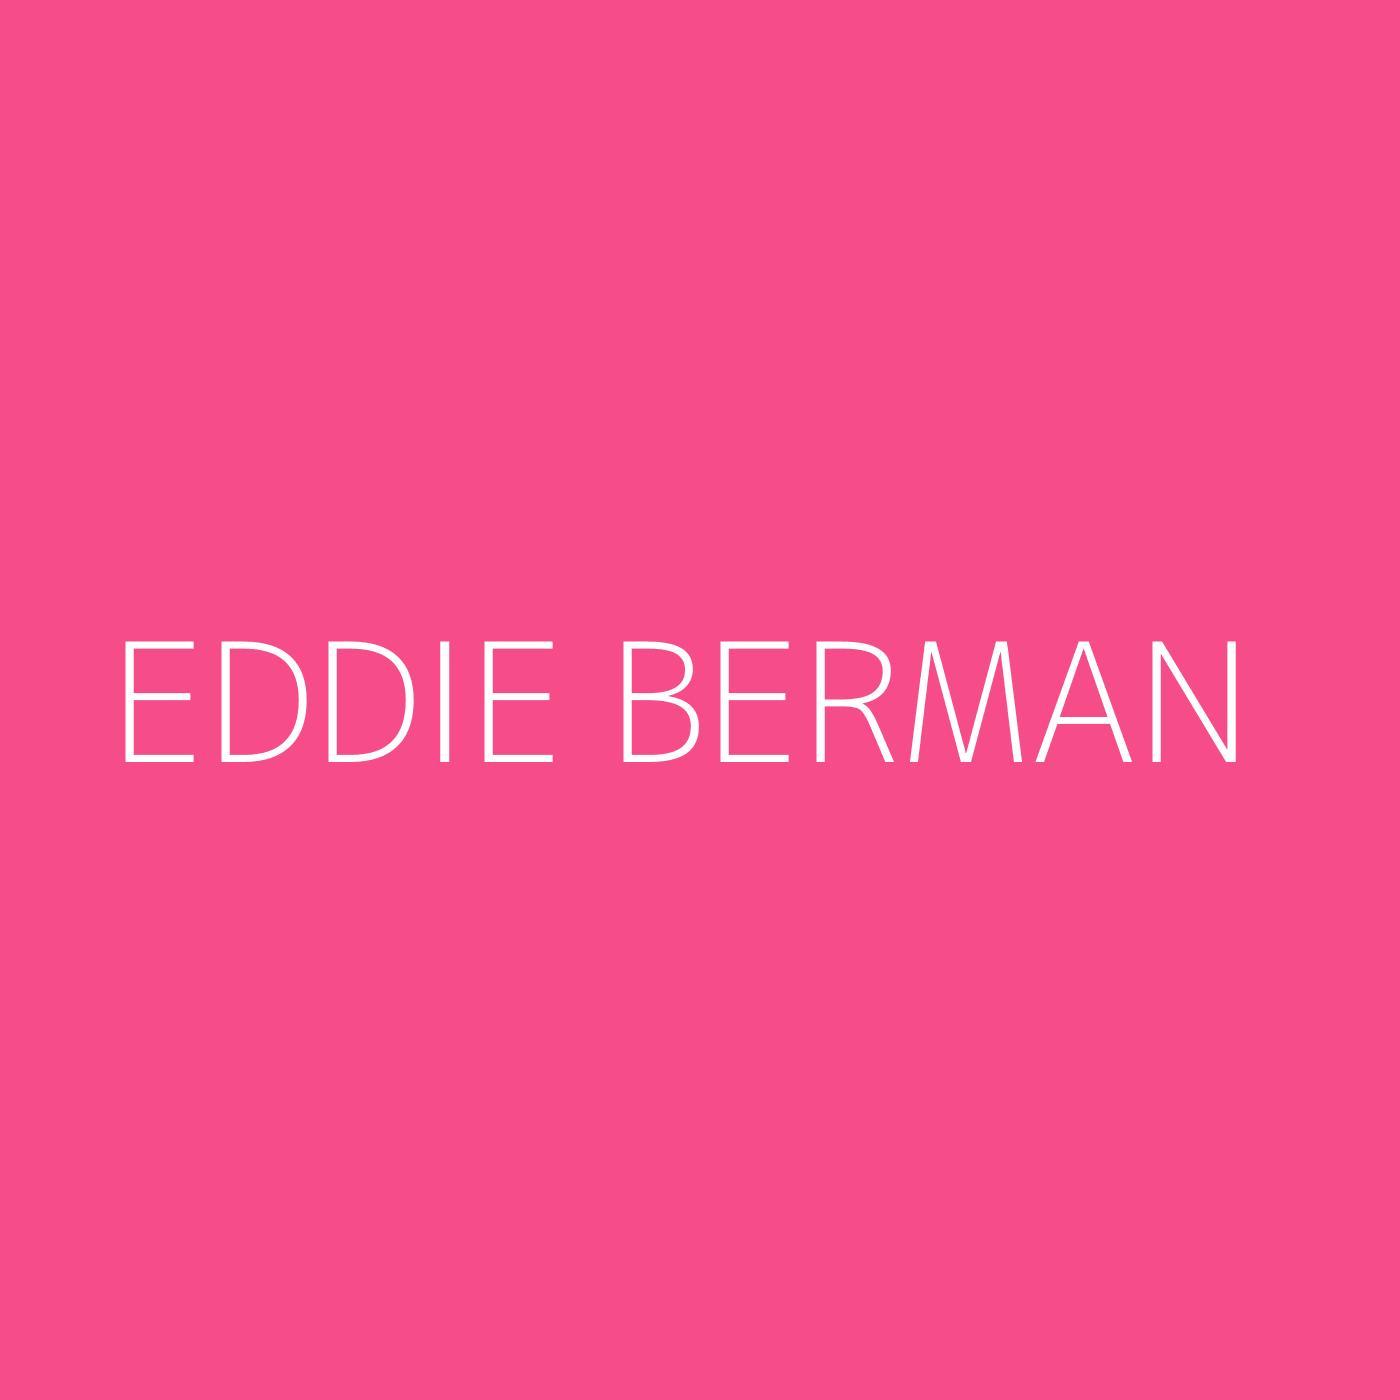 Eddie Berman Playlist Artwork